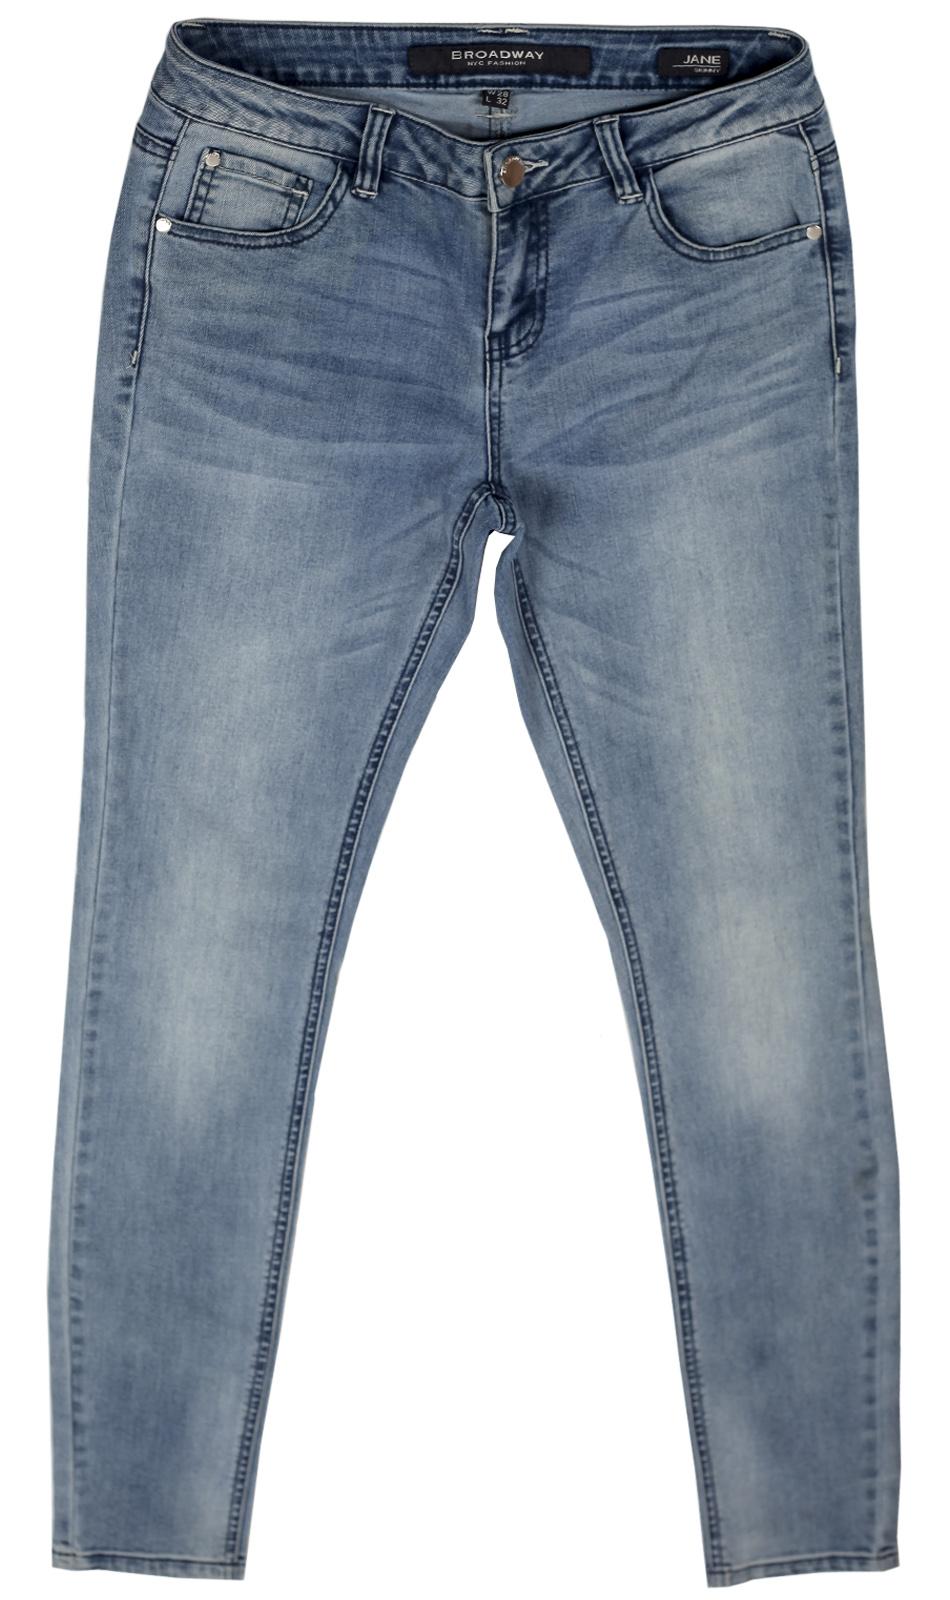 Классные джинсы от Broadway. Стильная модель на каждый день